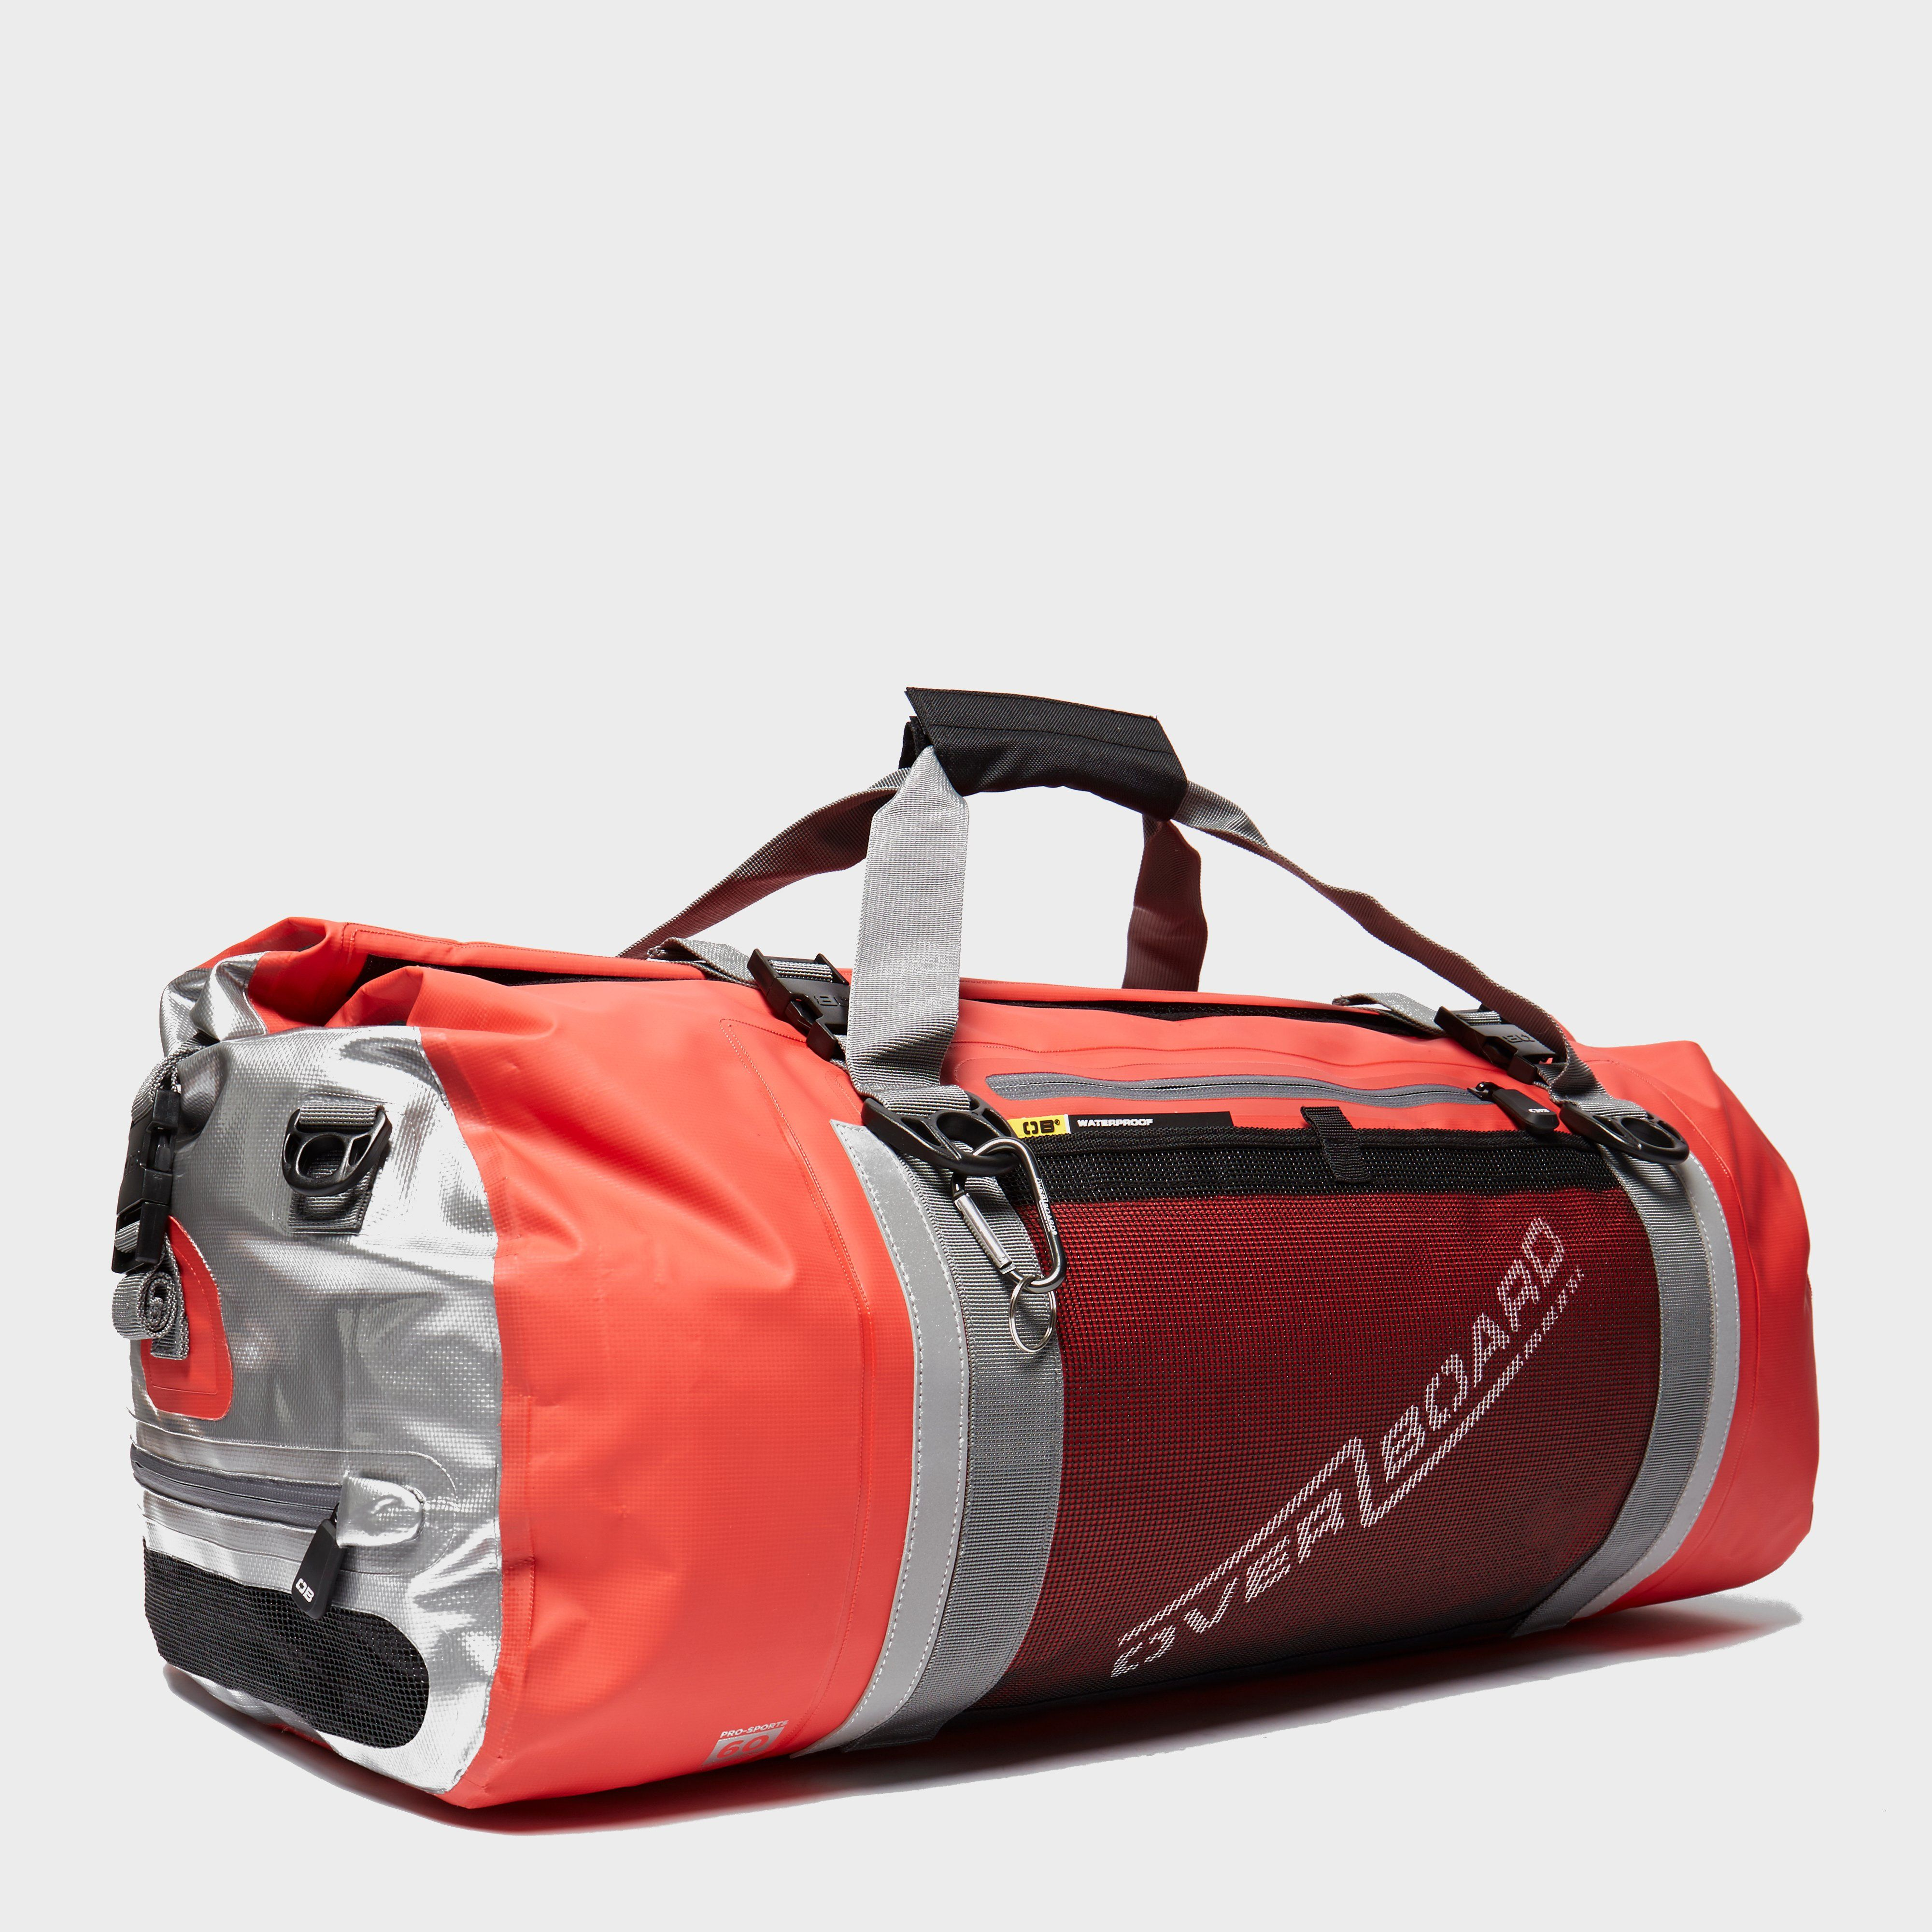 OVERBOARD Pro-Sports Waterproof 60L Duffel Bag